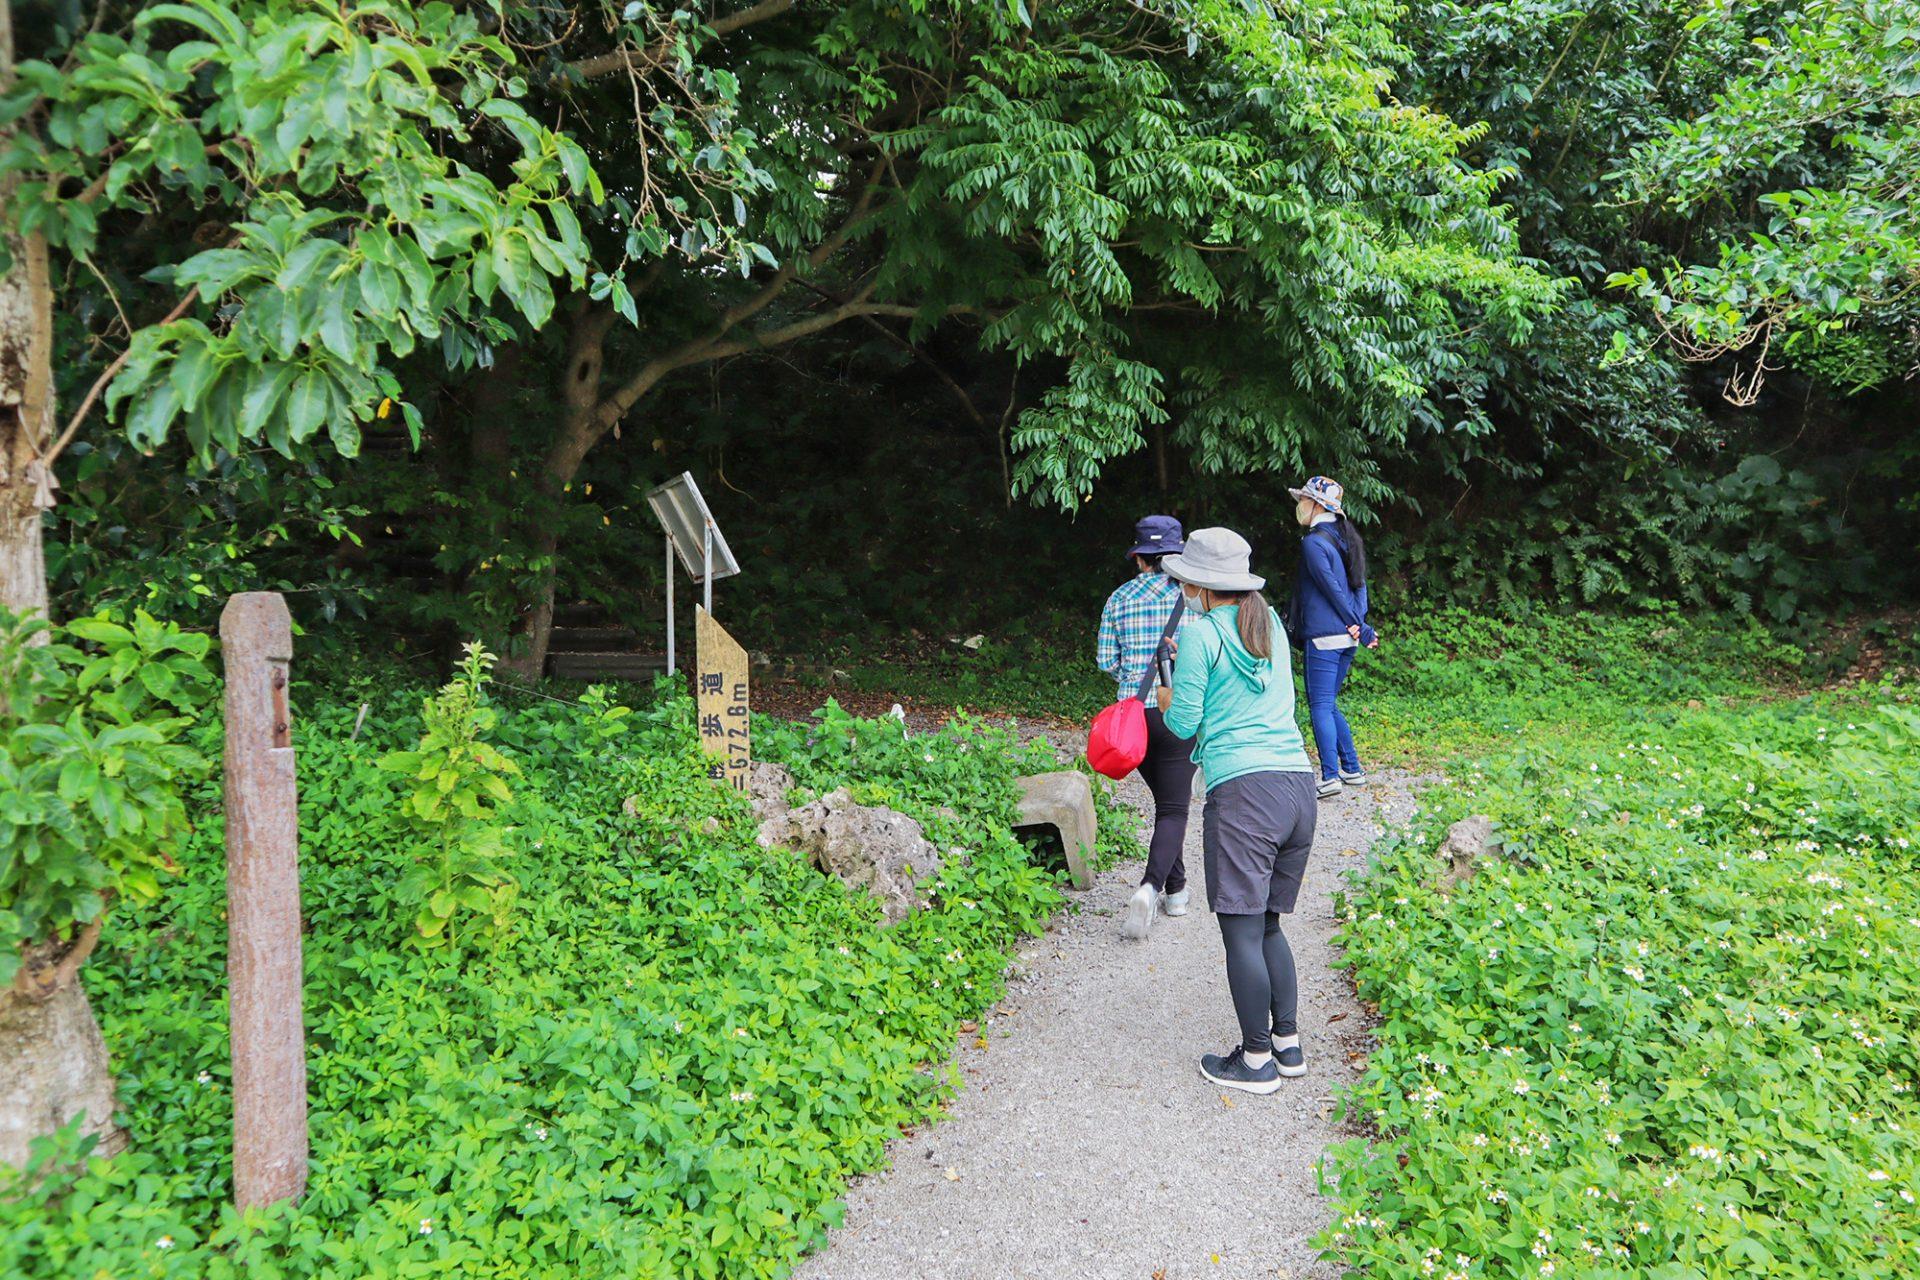 沖縄本島南部の八重瀬町「ホロホローの森」でトレッキングを楽しむ